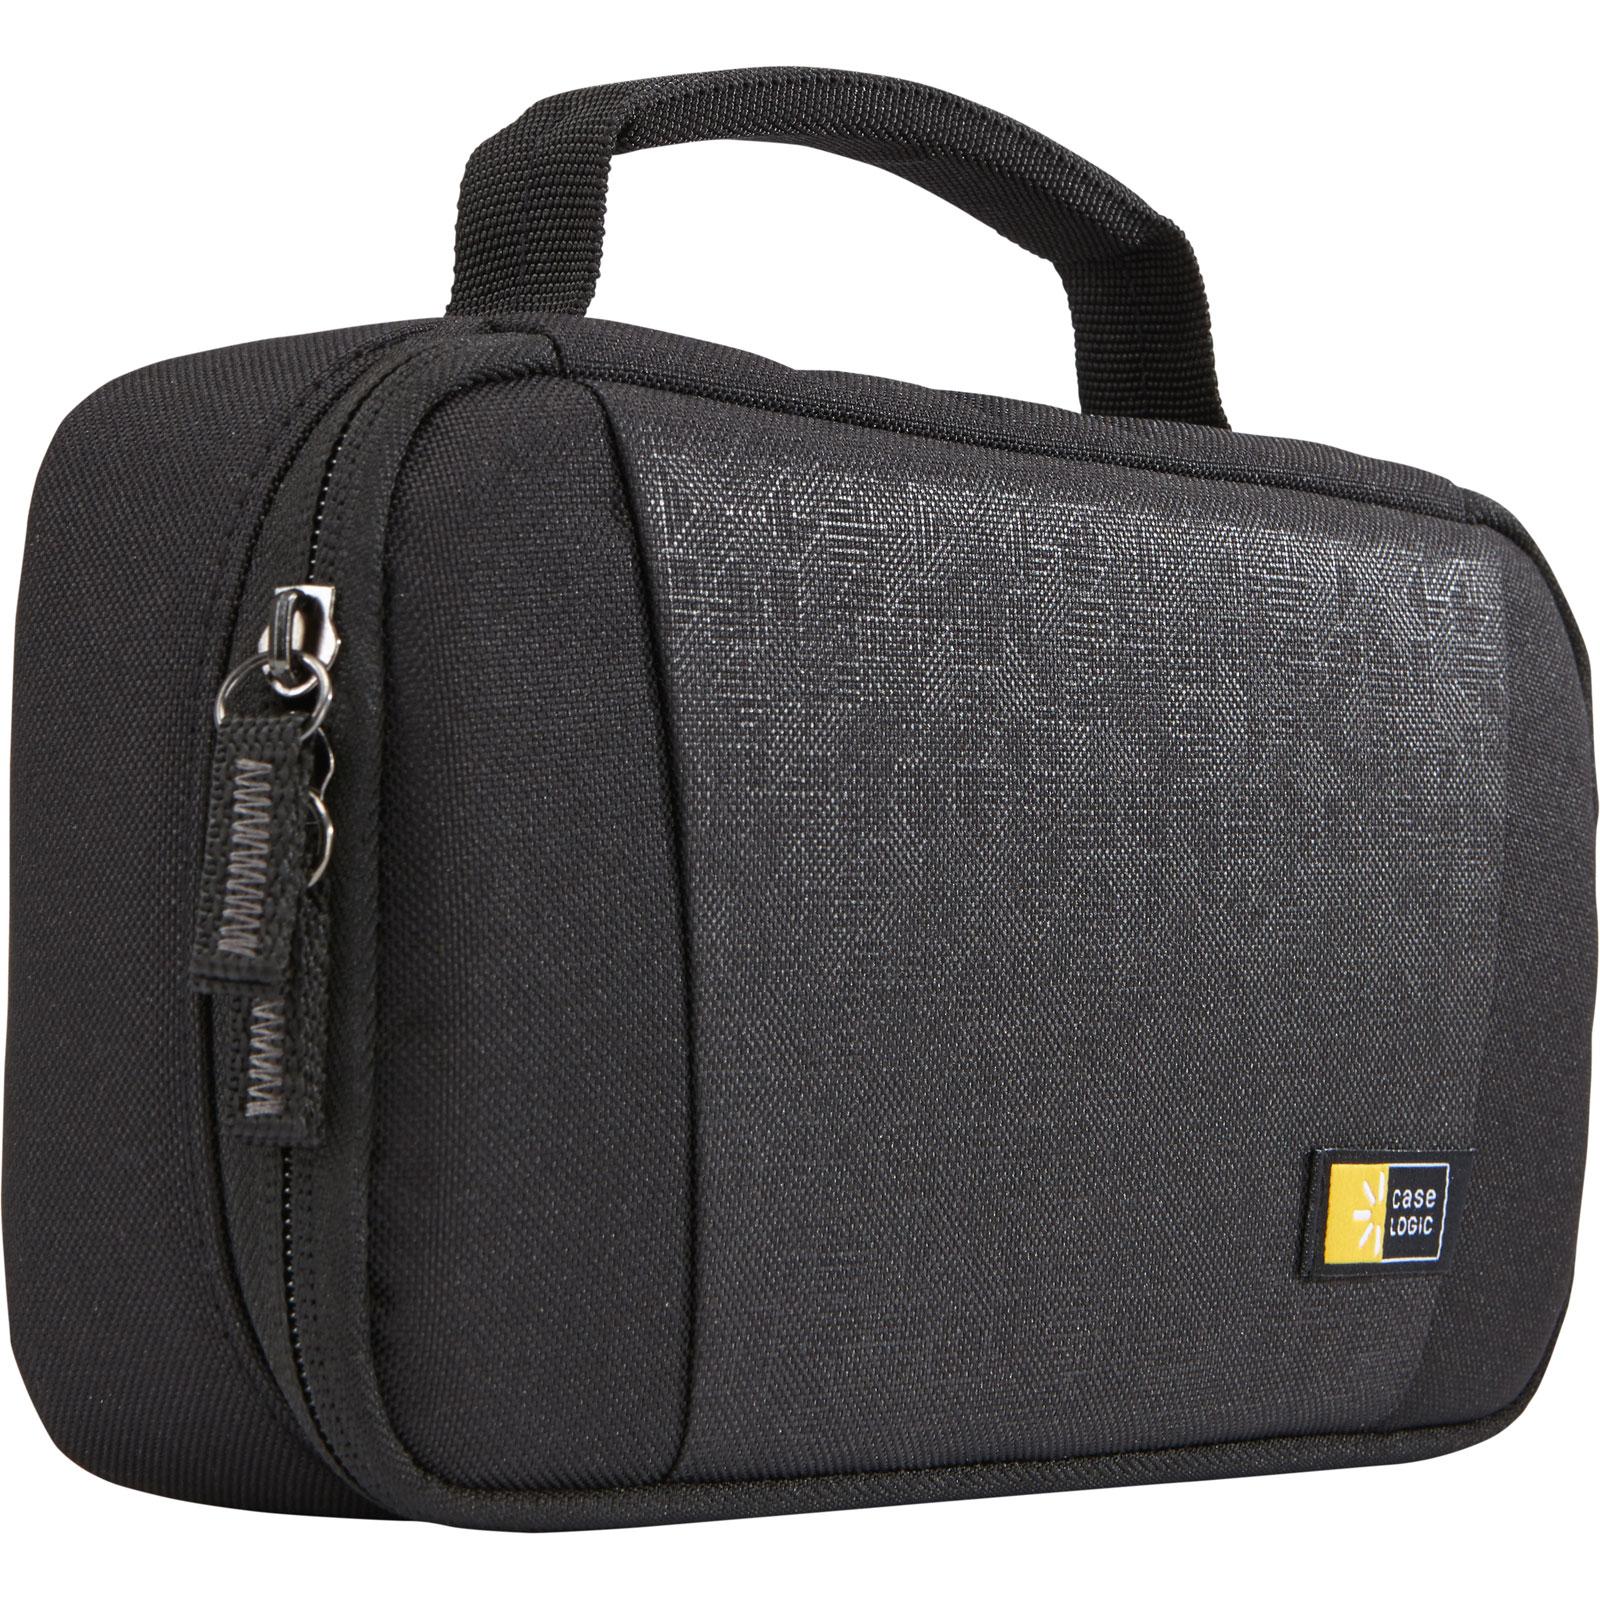 Accessoires caméra sportive Case Logic Memento Plus Étui pour caméra embarquée (GoPro...)